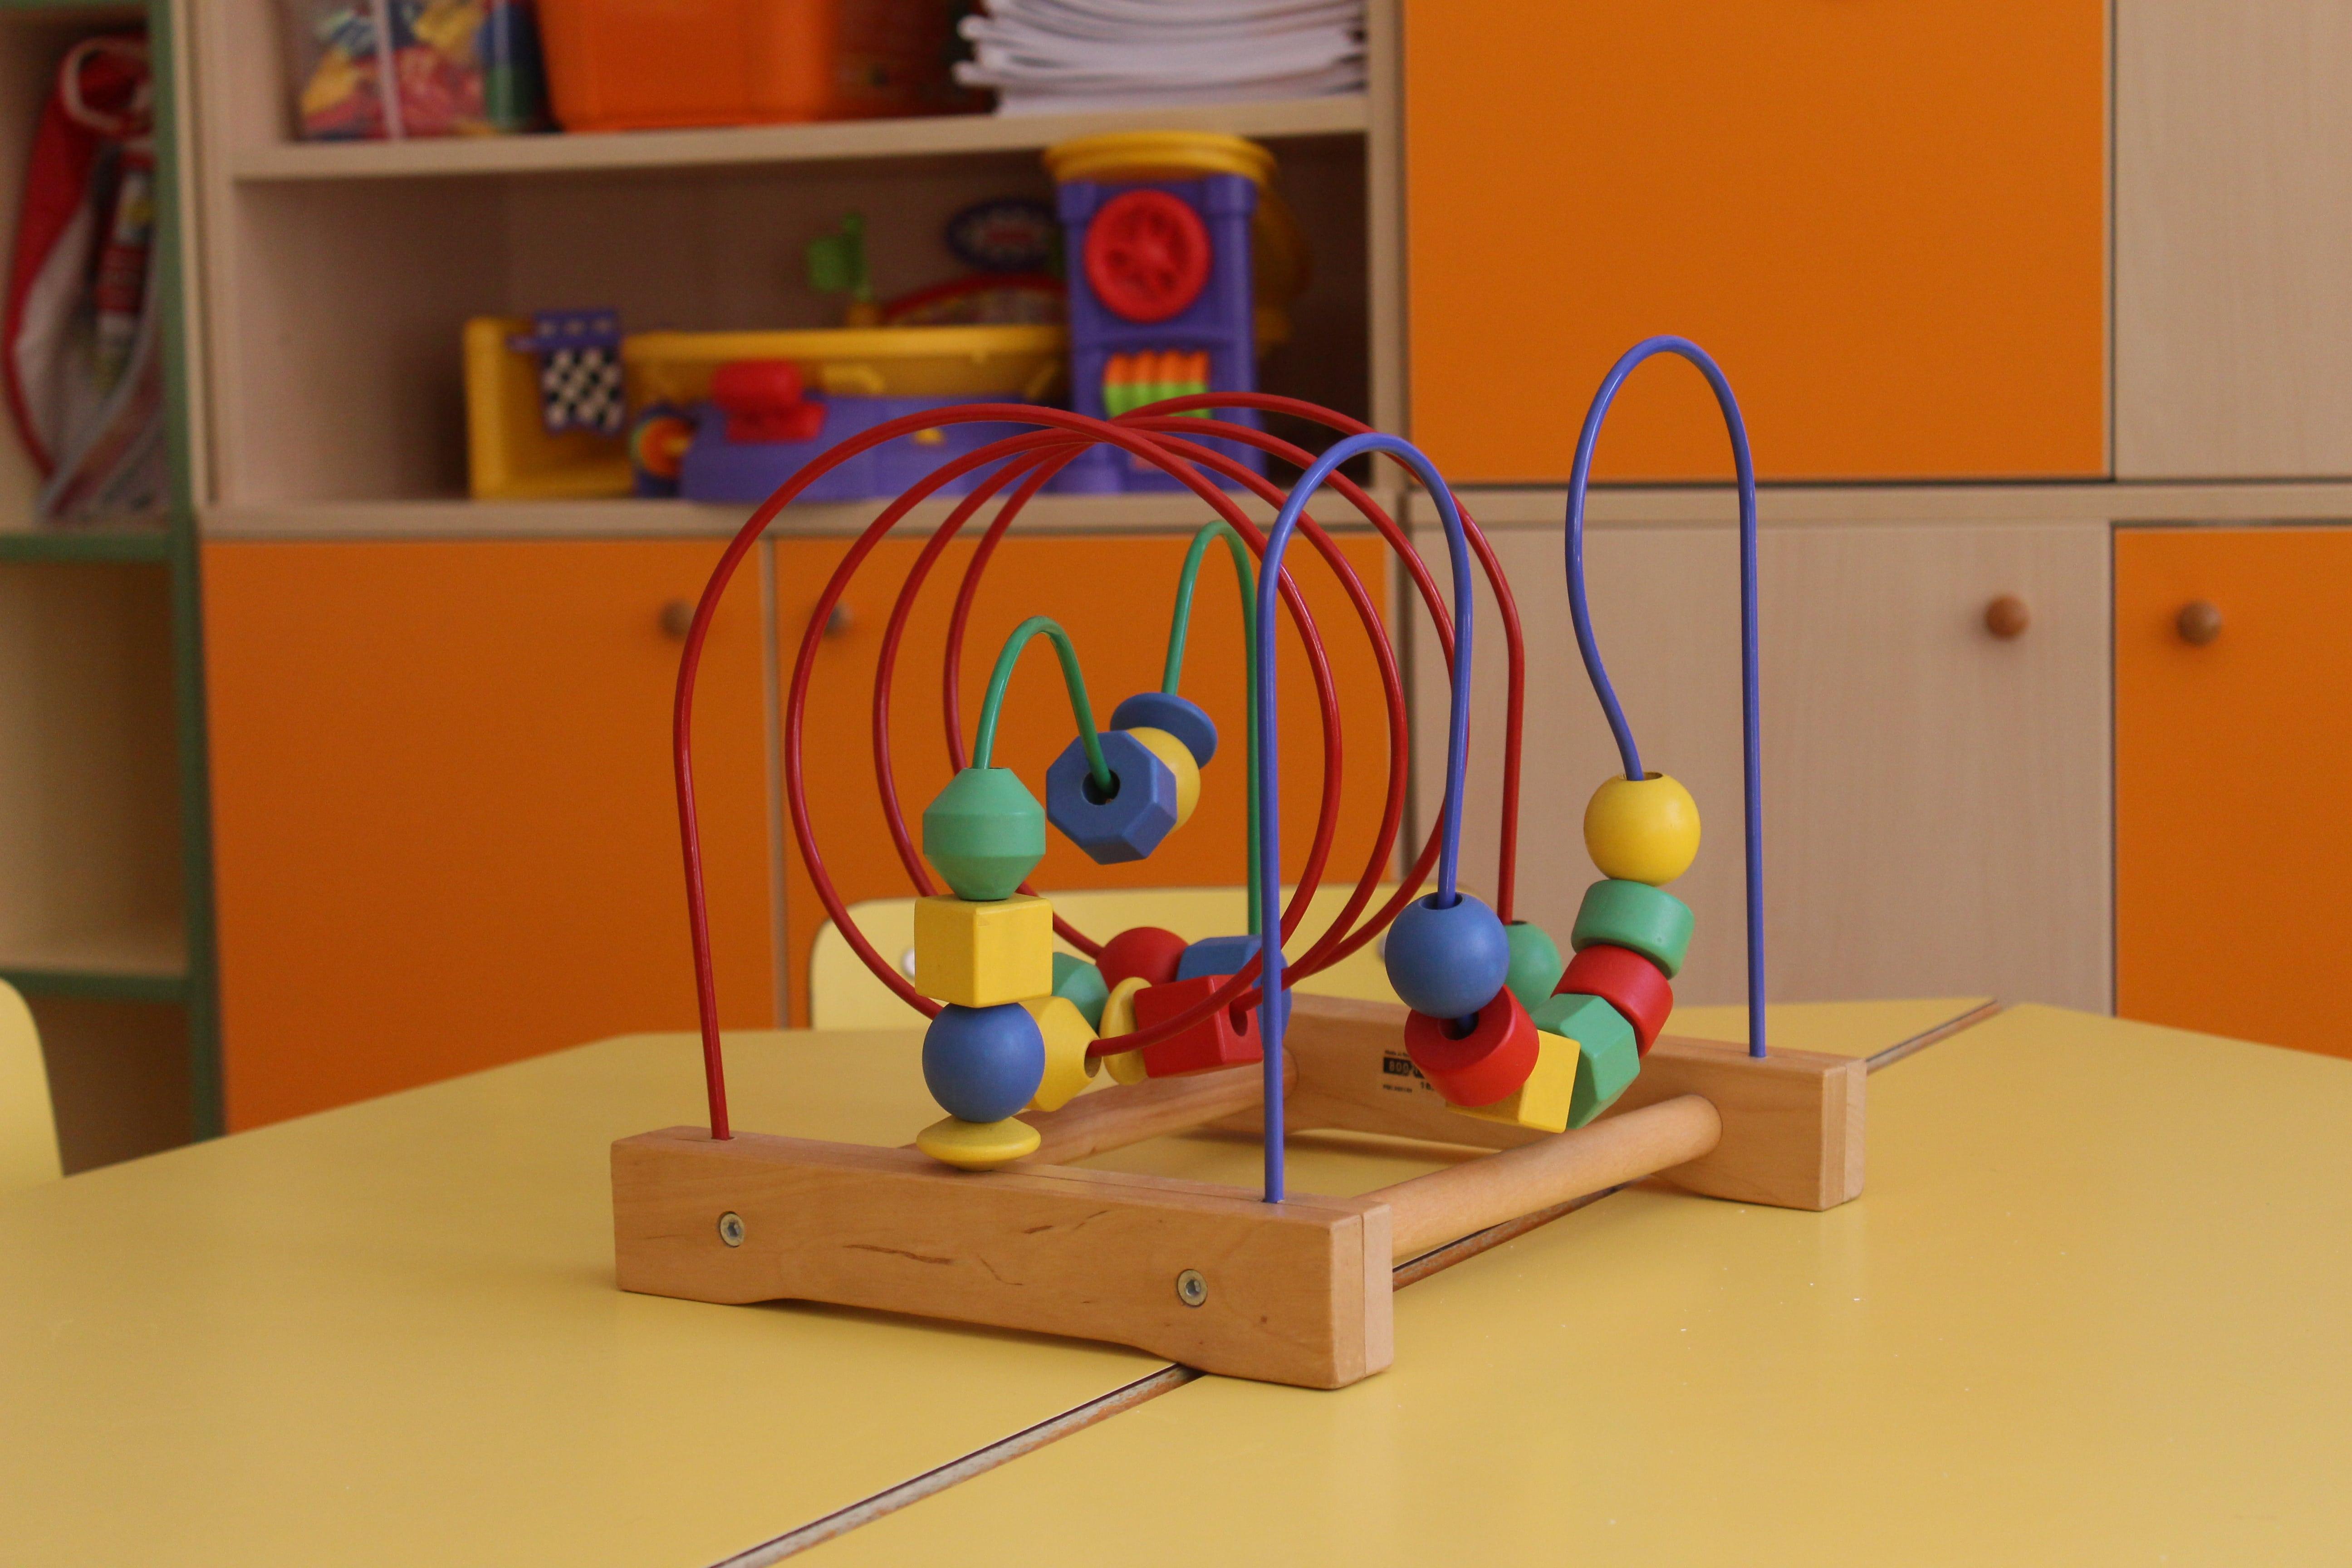 escuela infantil bilingüe en Valencia - juguete